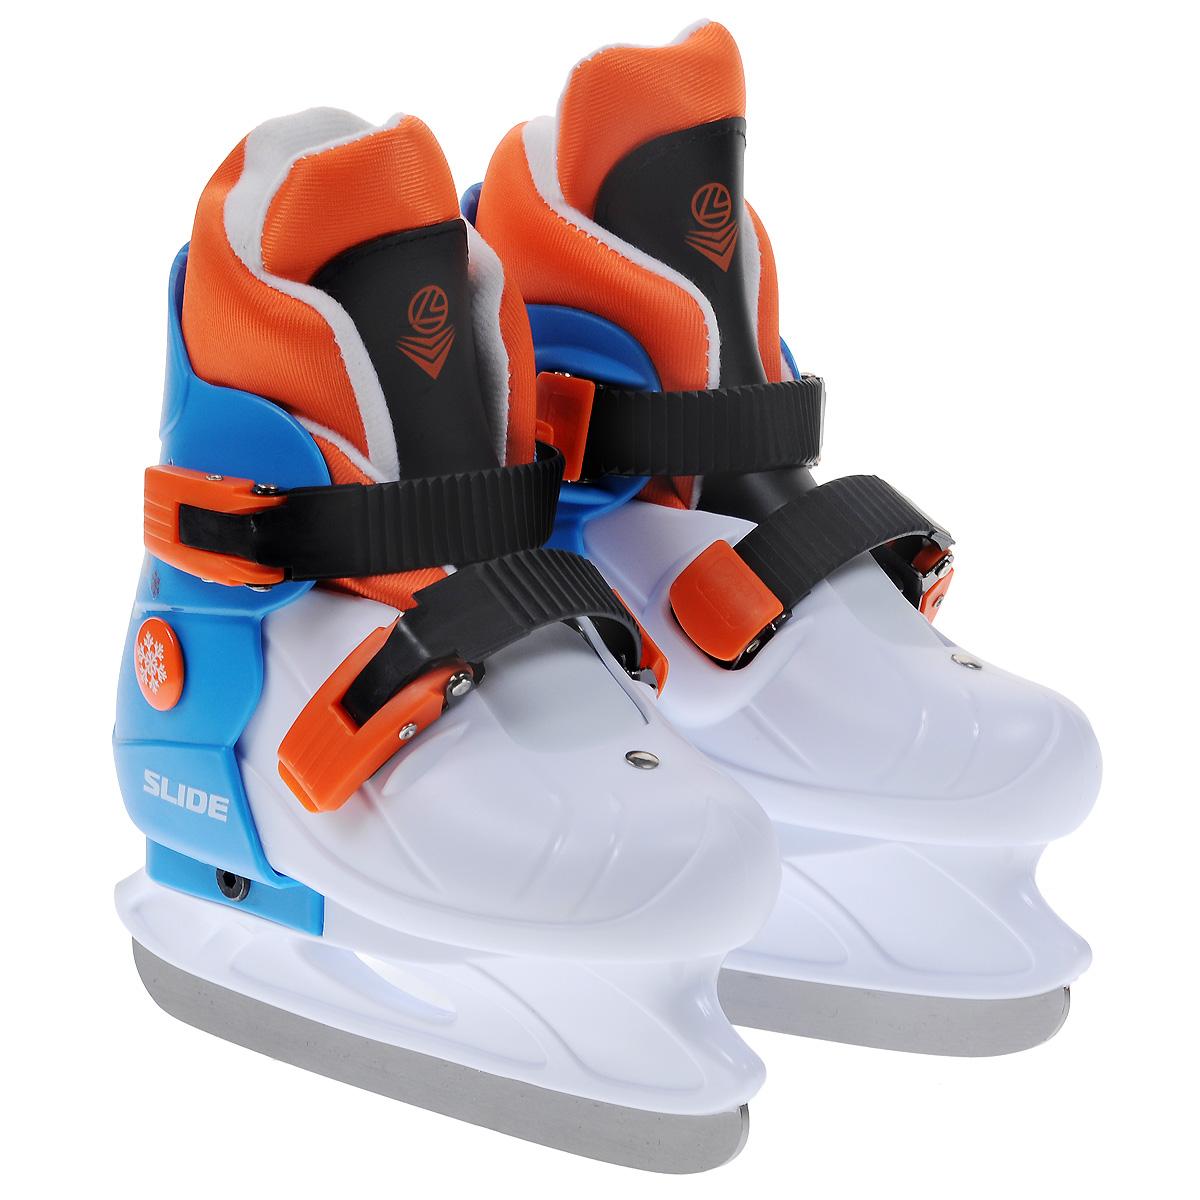 Коньки ледовые детские Larsen Slide, раздвижные, цвет: белый, голубой, оранжевый. Размер M (33/36)SlideДетские ледовые коньки Slide от Larsen отлично подойдут для начинающих обучаться катанию. Ботинки изготовлены из морозостойкого полипропилена, который защитит ноги от ударов. Пластиковые регулируемые бакли надежно фиксируют голеностоп. Внутренний сапожок выполнен из мягкого текстильного материала с поролоновой вставкой, который обеспечит тепло и комфорт во время катания. Лезвие выполнено из нержавеющей стали. Особенностью коньков является раздвижная конструкция, которая позволяет увеличивать размер ботинка по мере роста ноги ребенка. У сапожка пяточная часть крепится при помощи липучек, что также позволит увеличить размер. Температура использования: до -20°С.